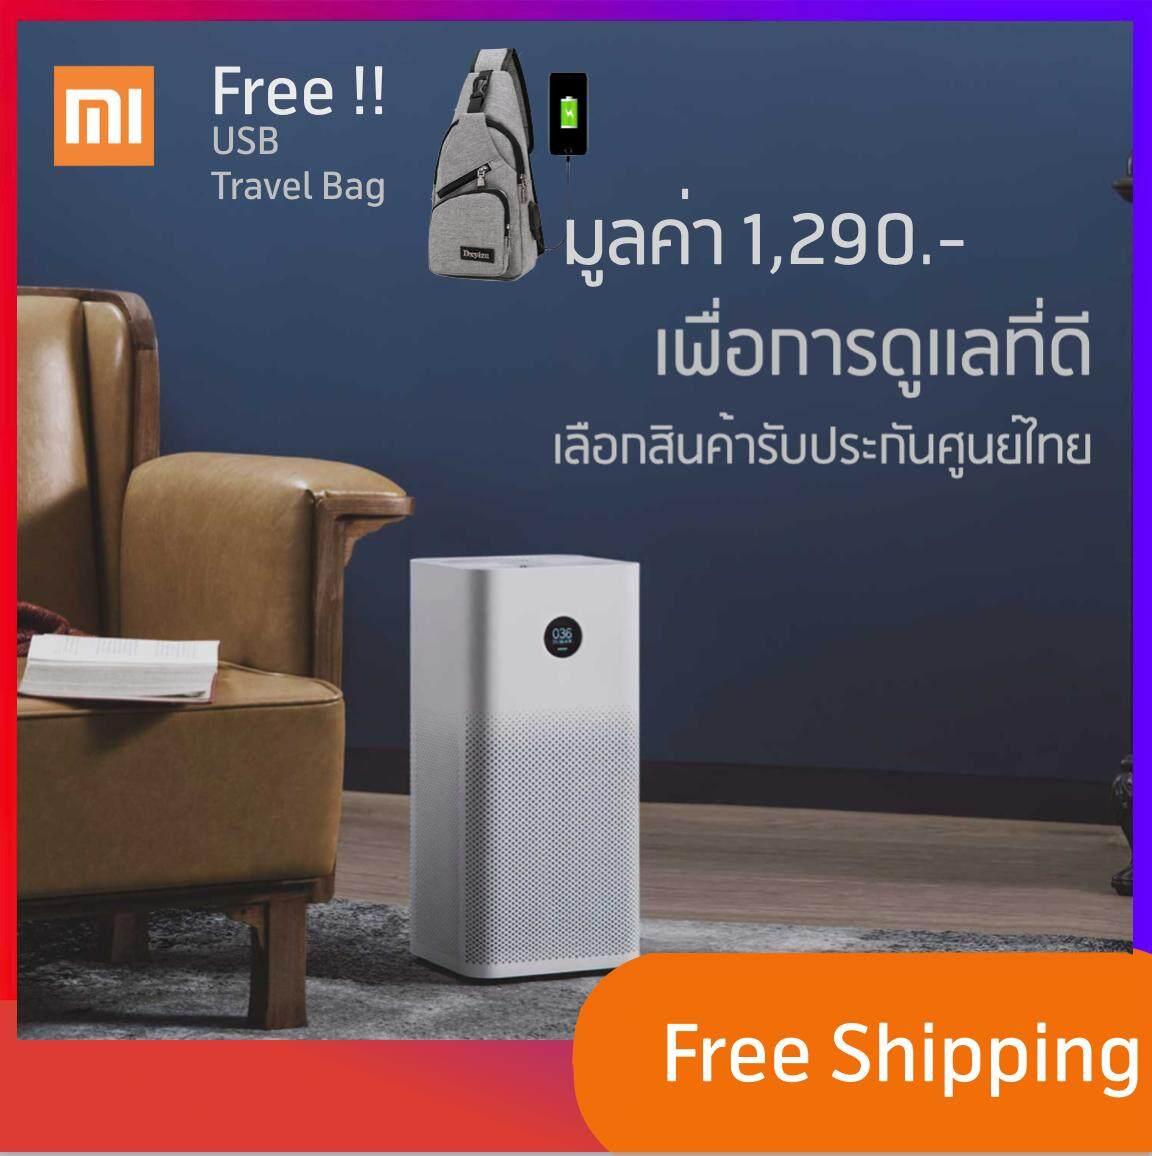 ทำบัตรเครดิตออนไลน์  ภูเก็ต กรองฝุ่น PM2.5  Mi Air Purifier 2s พร้อมส่งทันที ประกันศูนย์ไทย กรอง